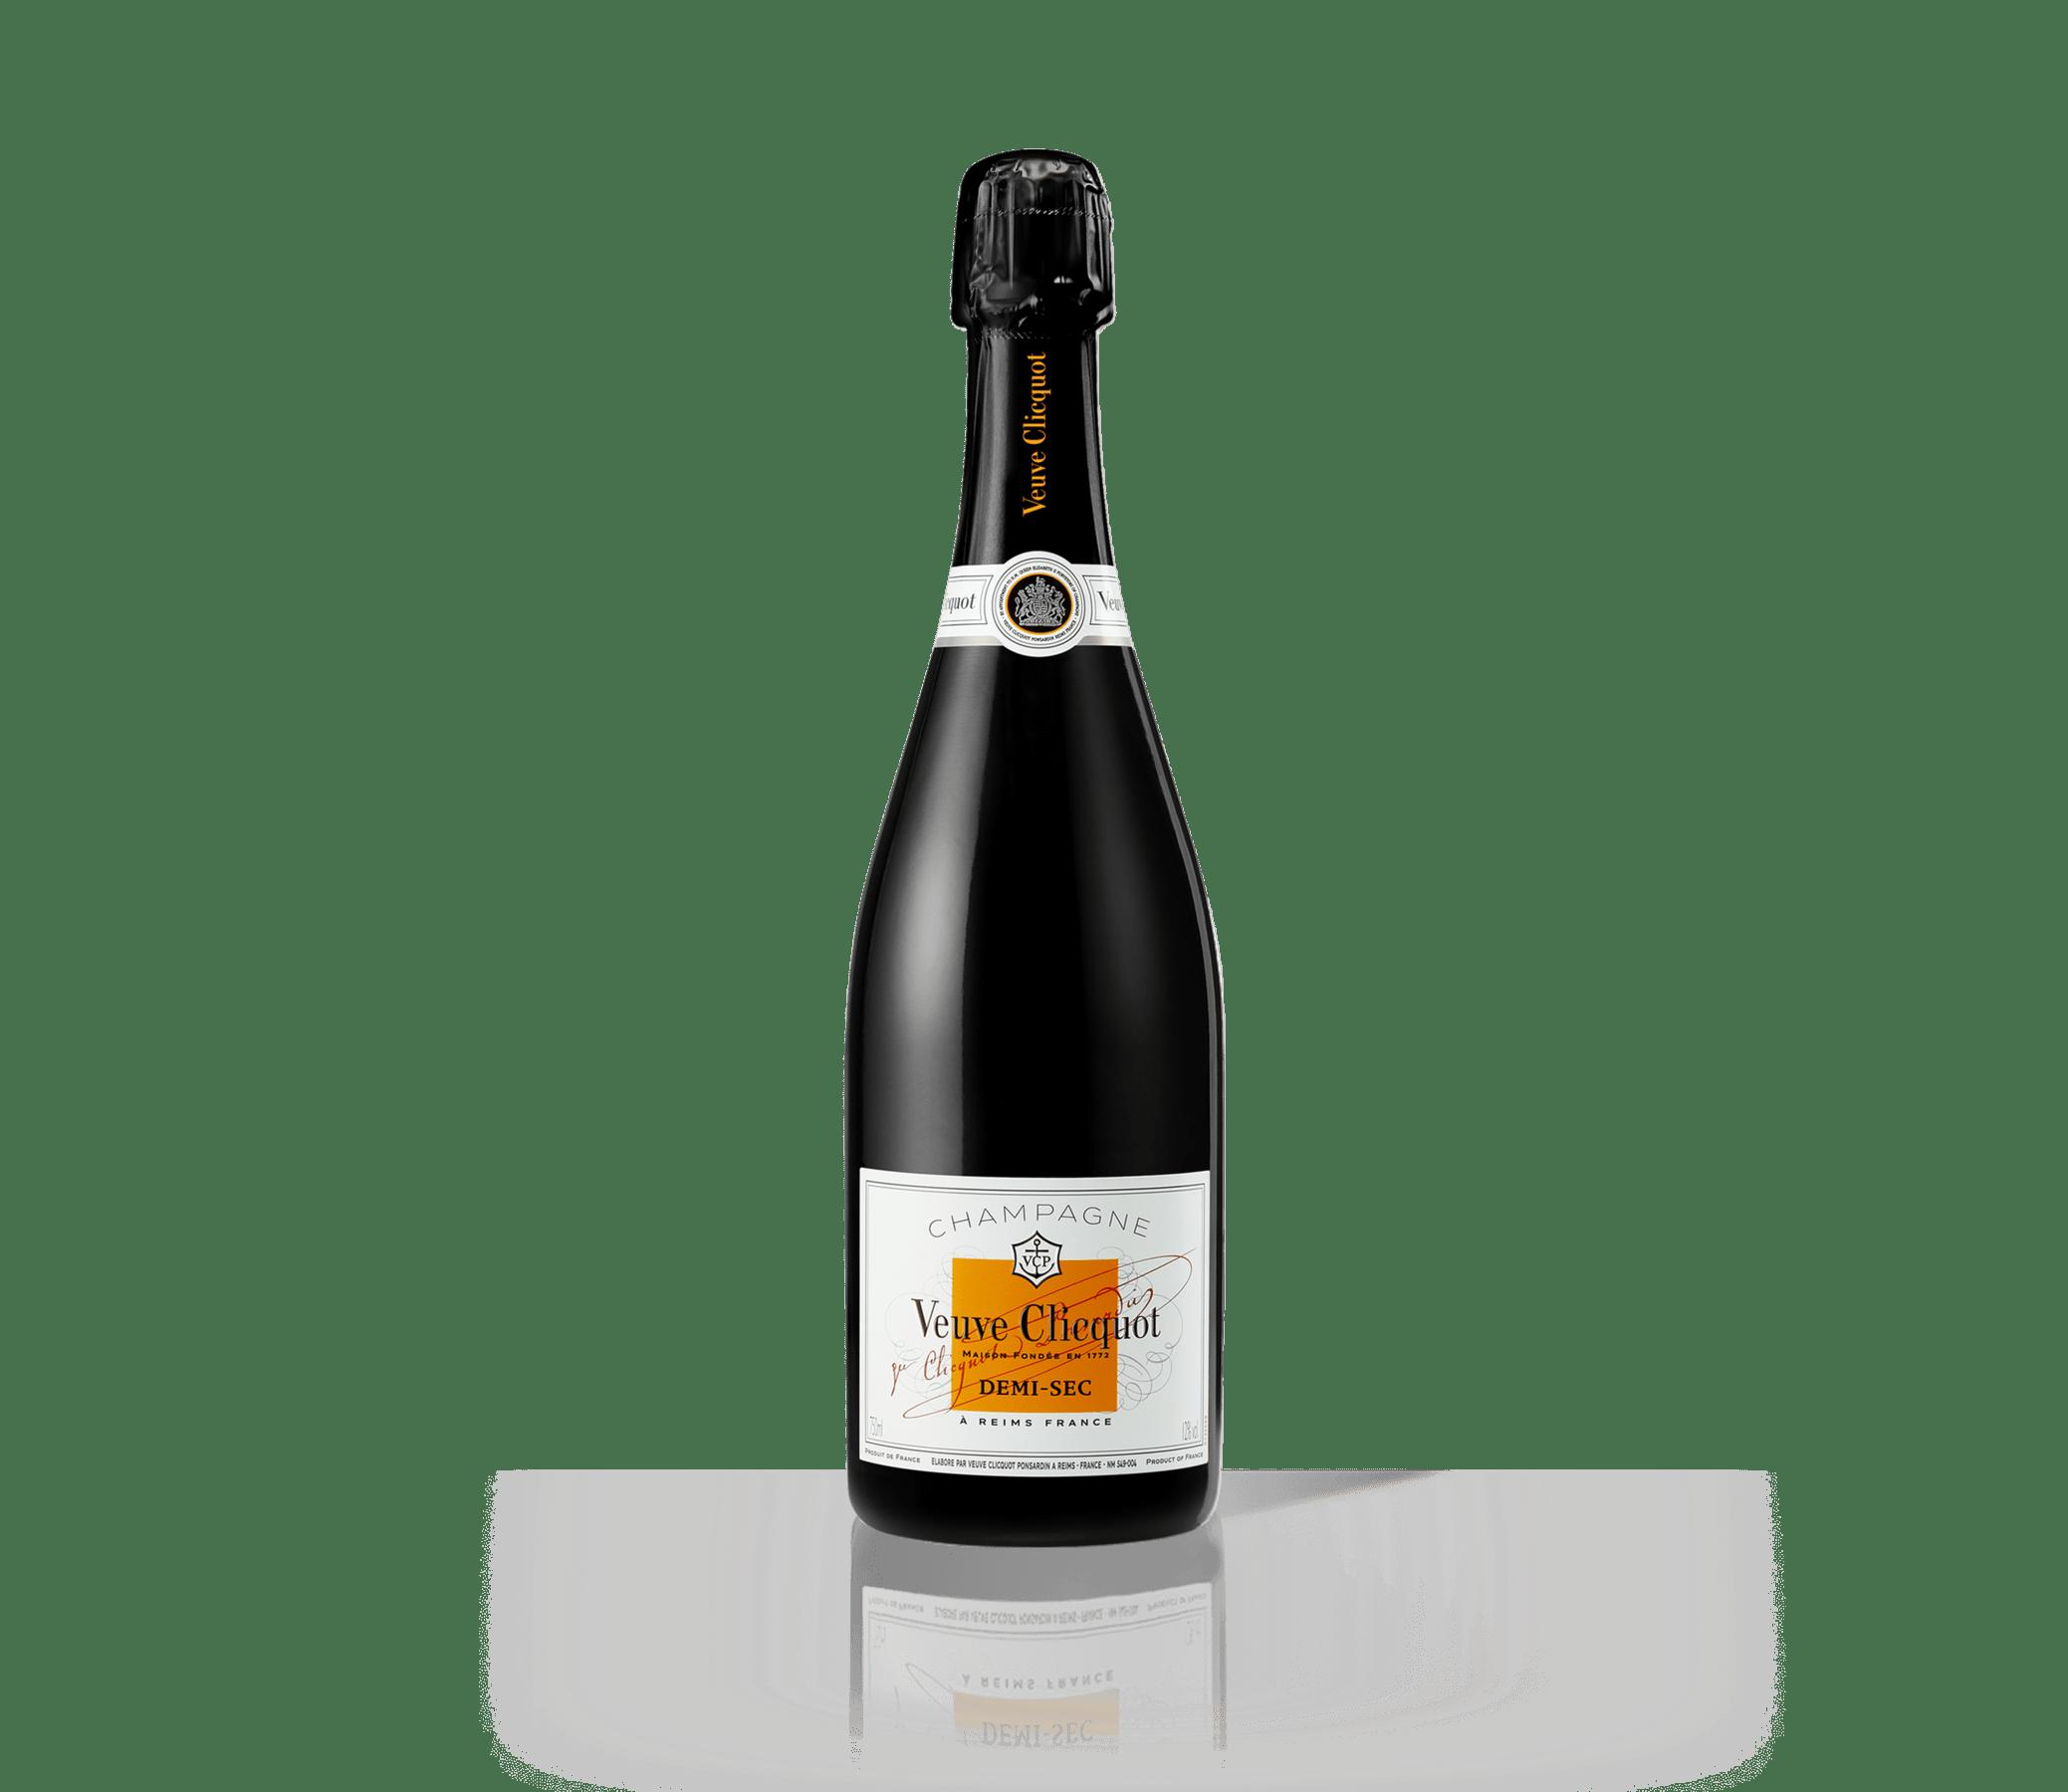 Botella de champagne Veuve Clicquot Semiseco